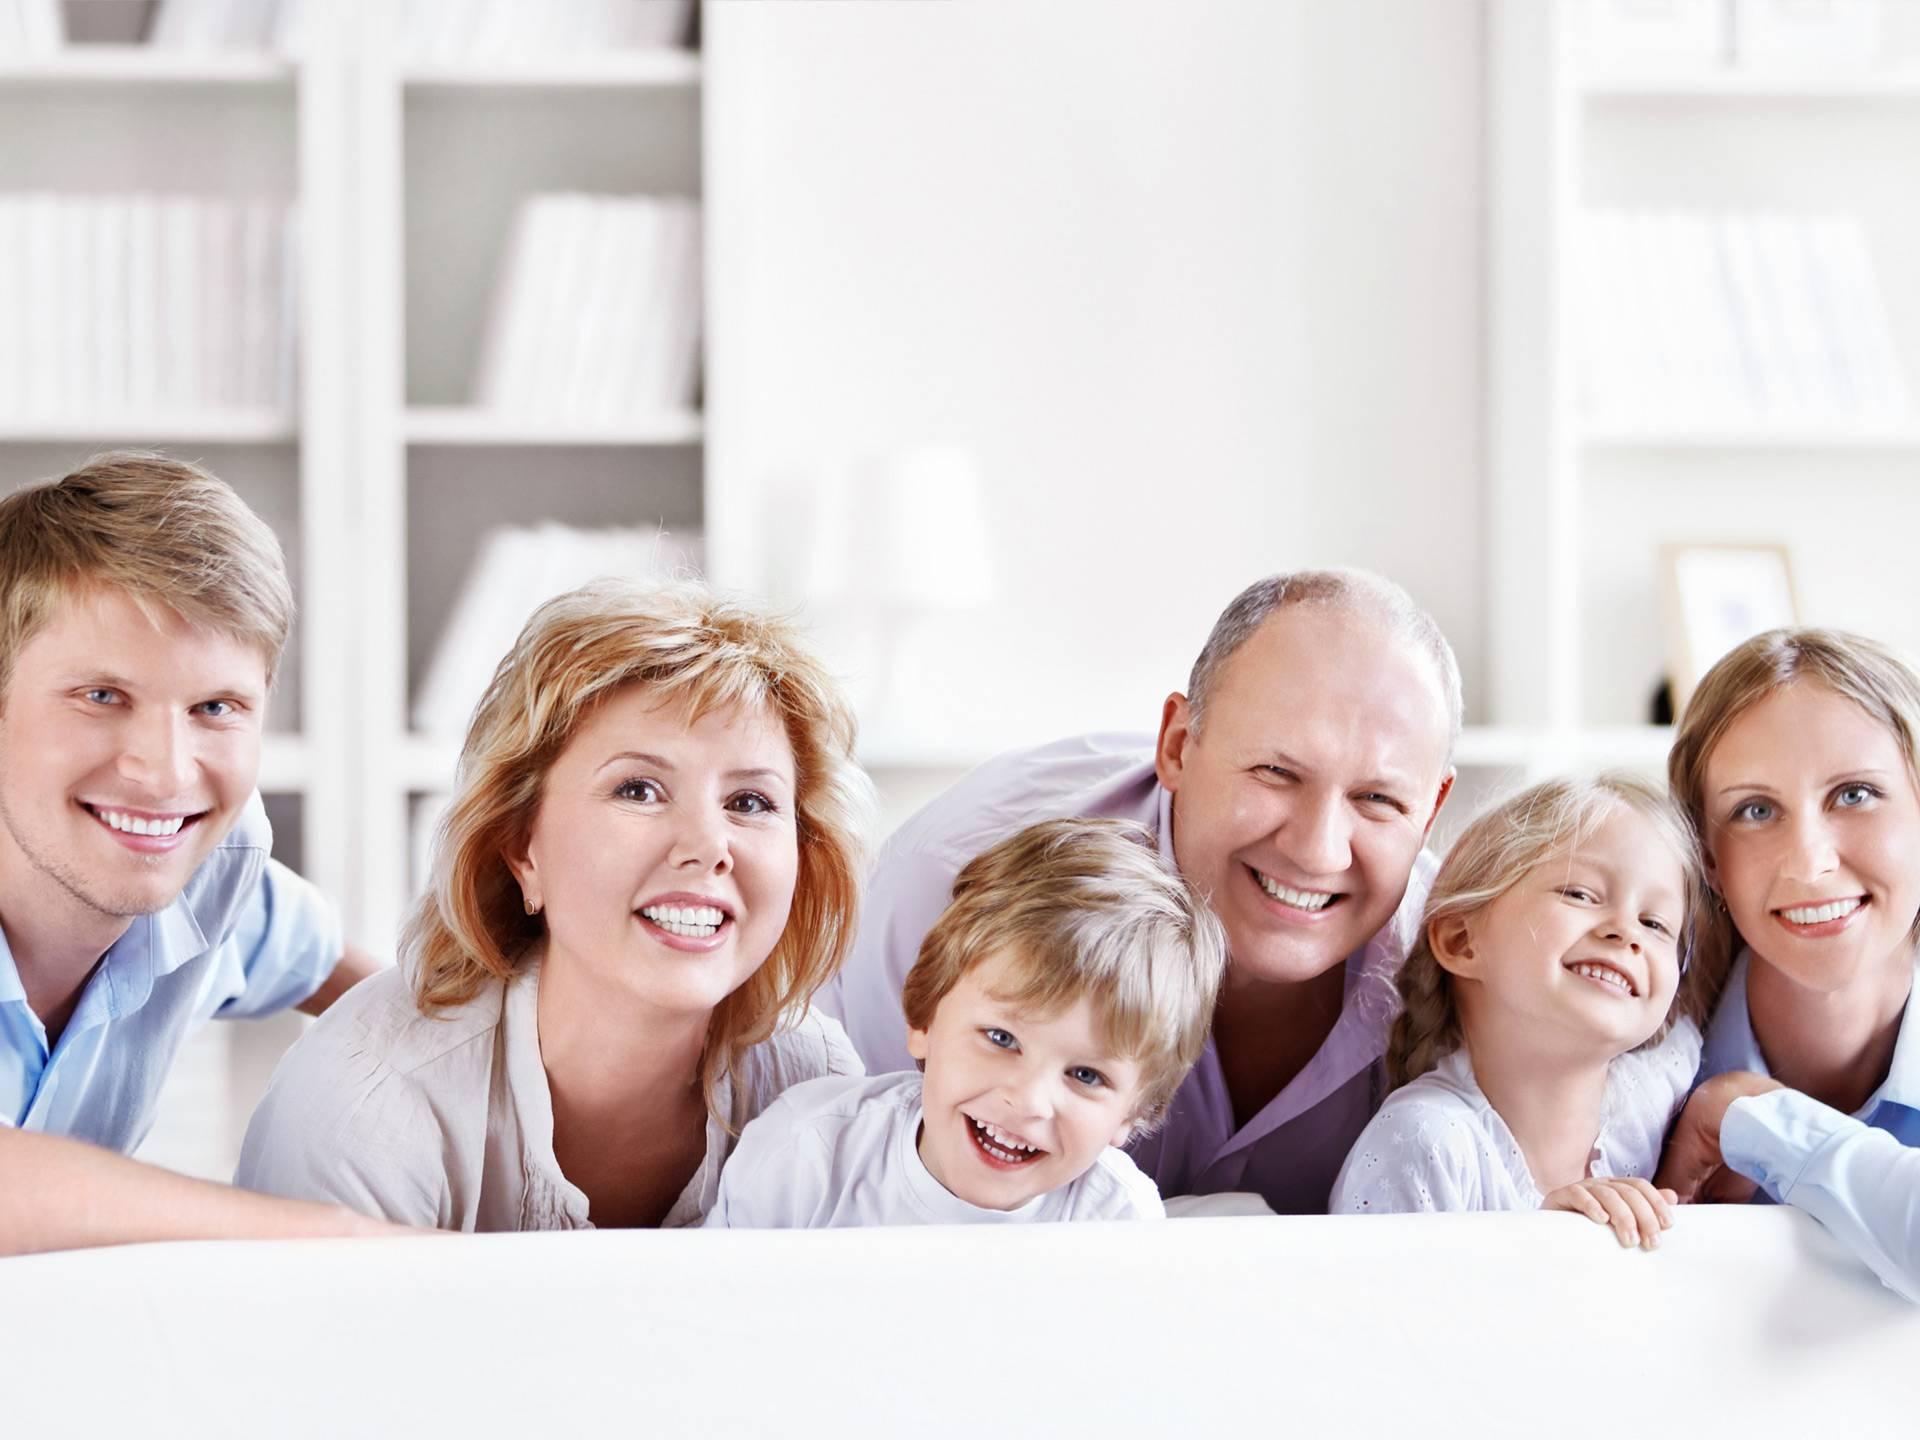 Mehrgenerationenhaus: alle Generationen unter einem Dach